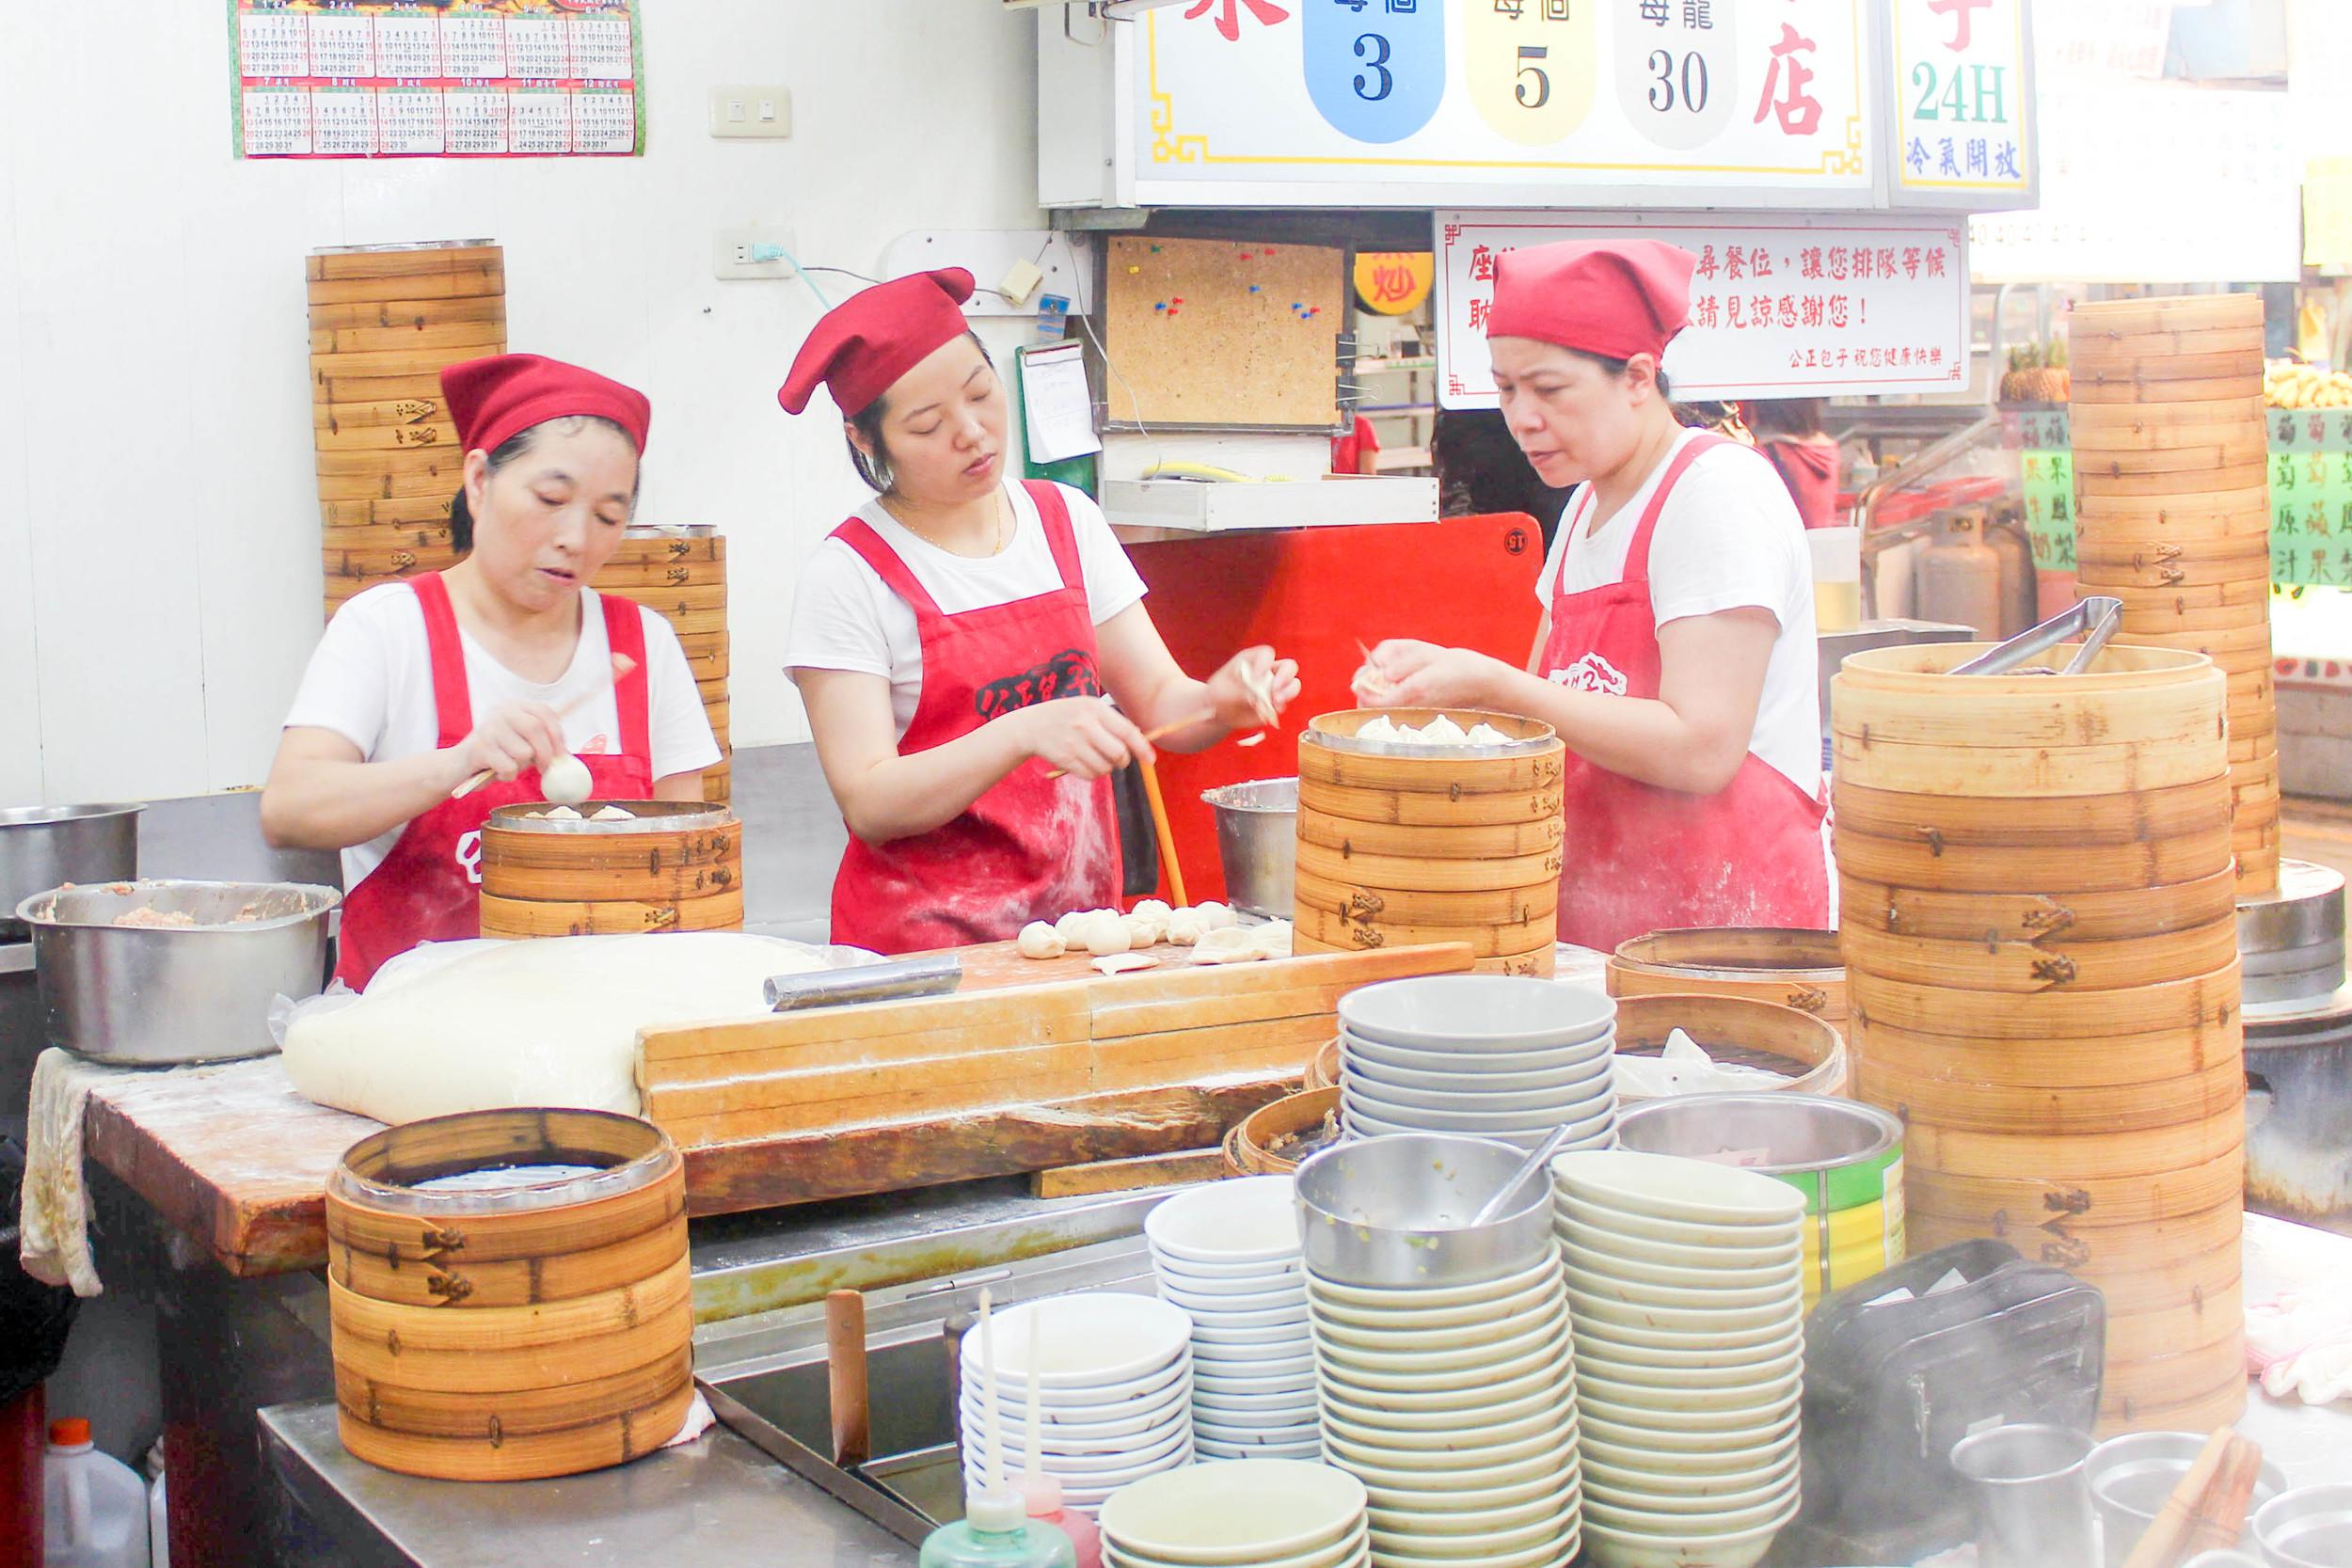 Taiwanese-style xiaolongbao soup dumplings (it's a bun versus a rice flour wrap) made in Hualien City, Taiwan.